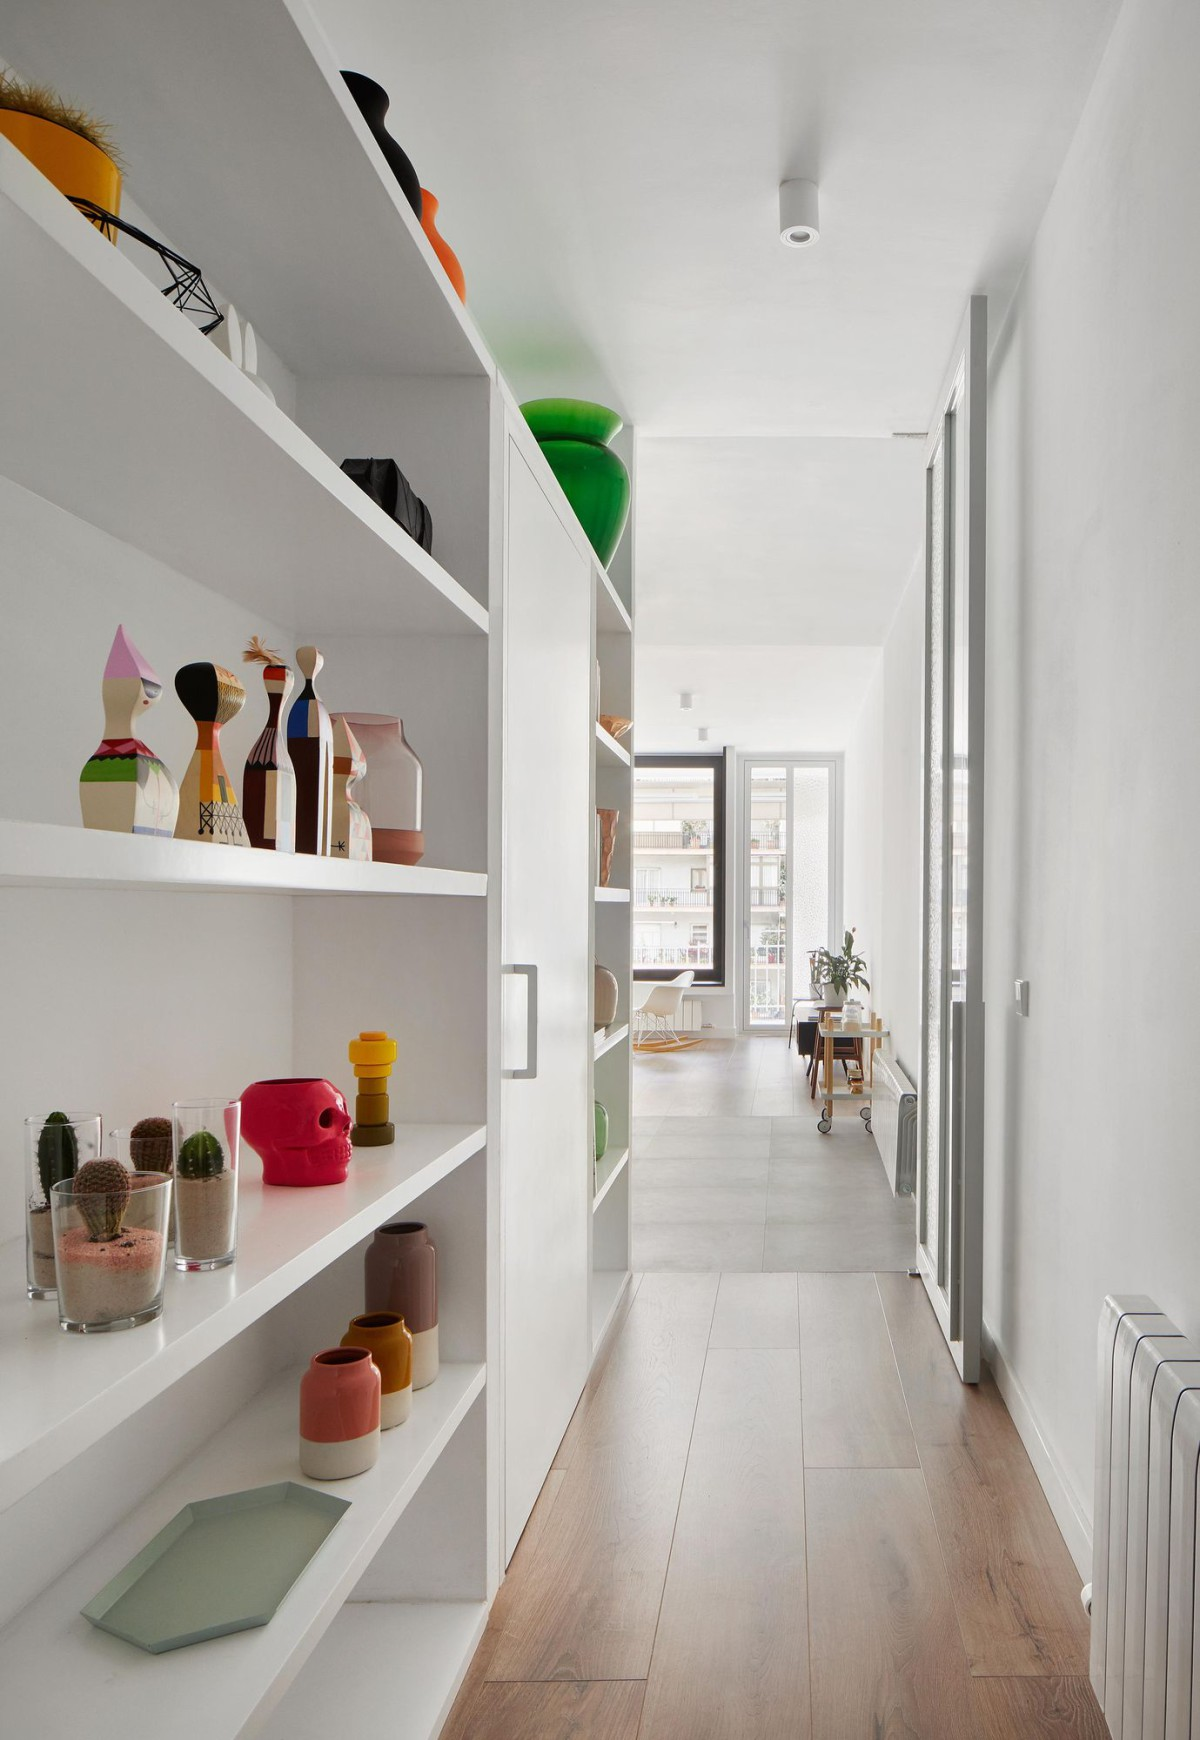 Raúl Sánchez . Villarroel apartment . Barcelona (18)